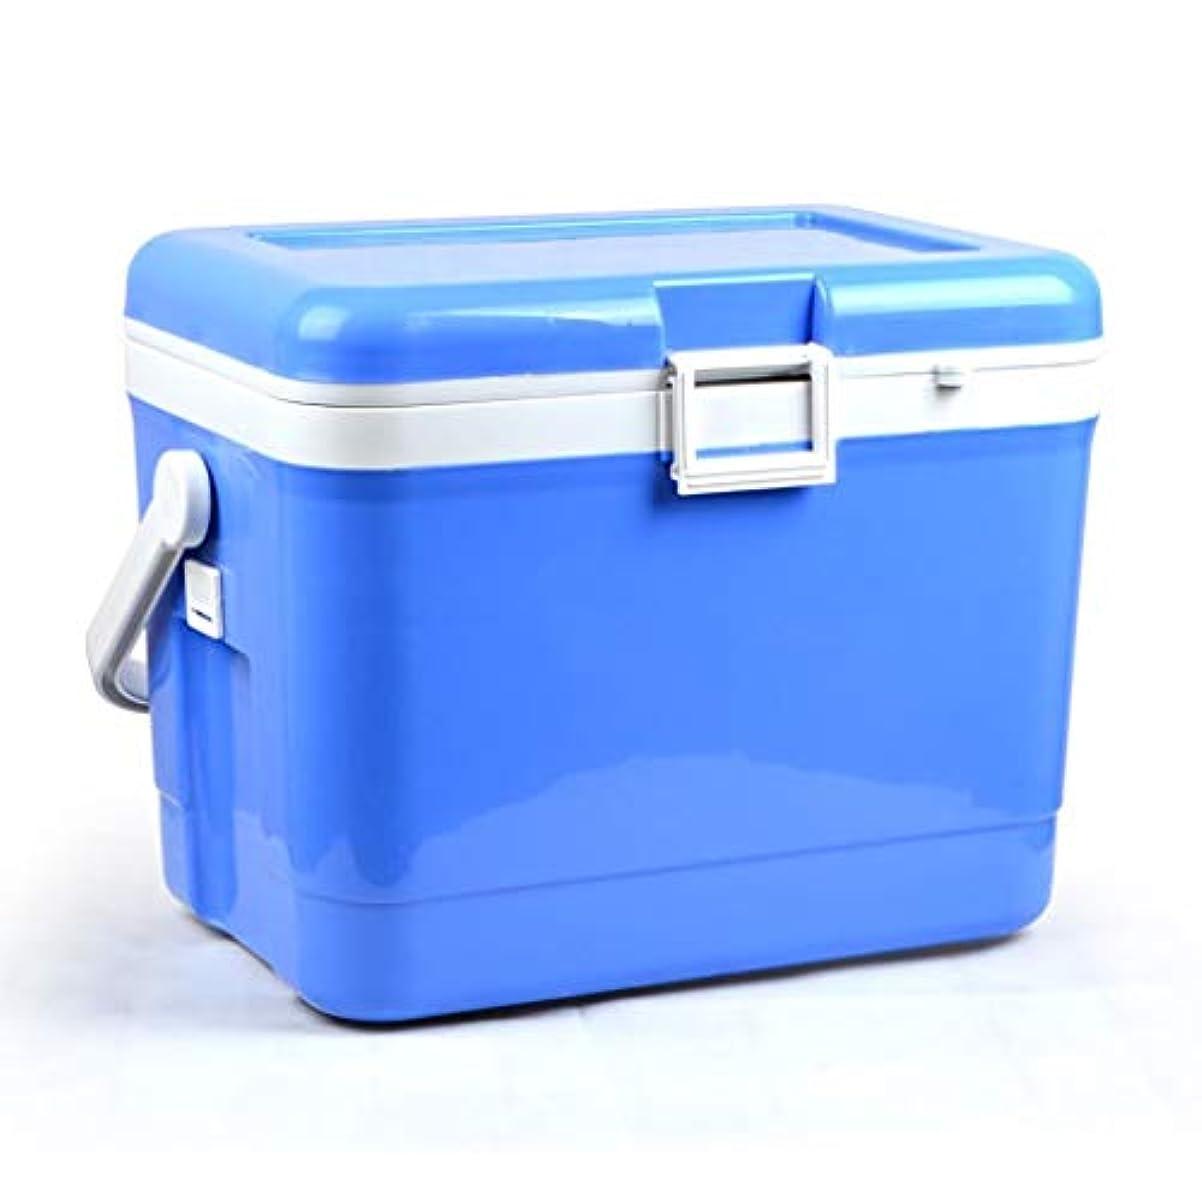 継続中全能調整するより涼しい箱また食糧に使用することができる携帯用食品保存のフリーザーのアイスペール